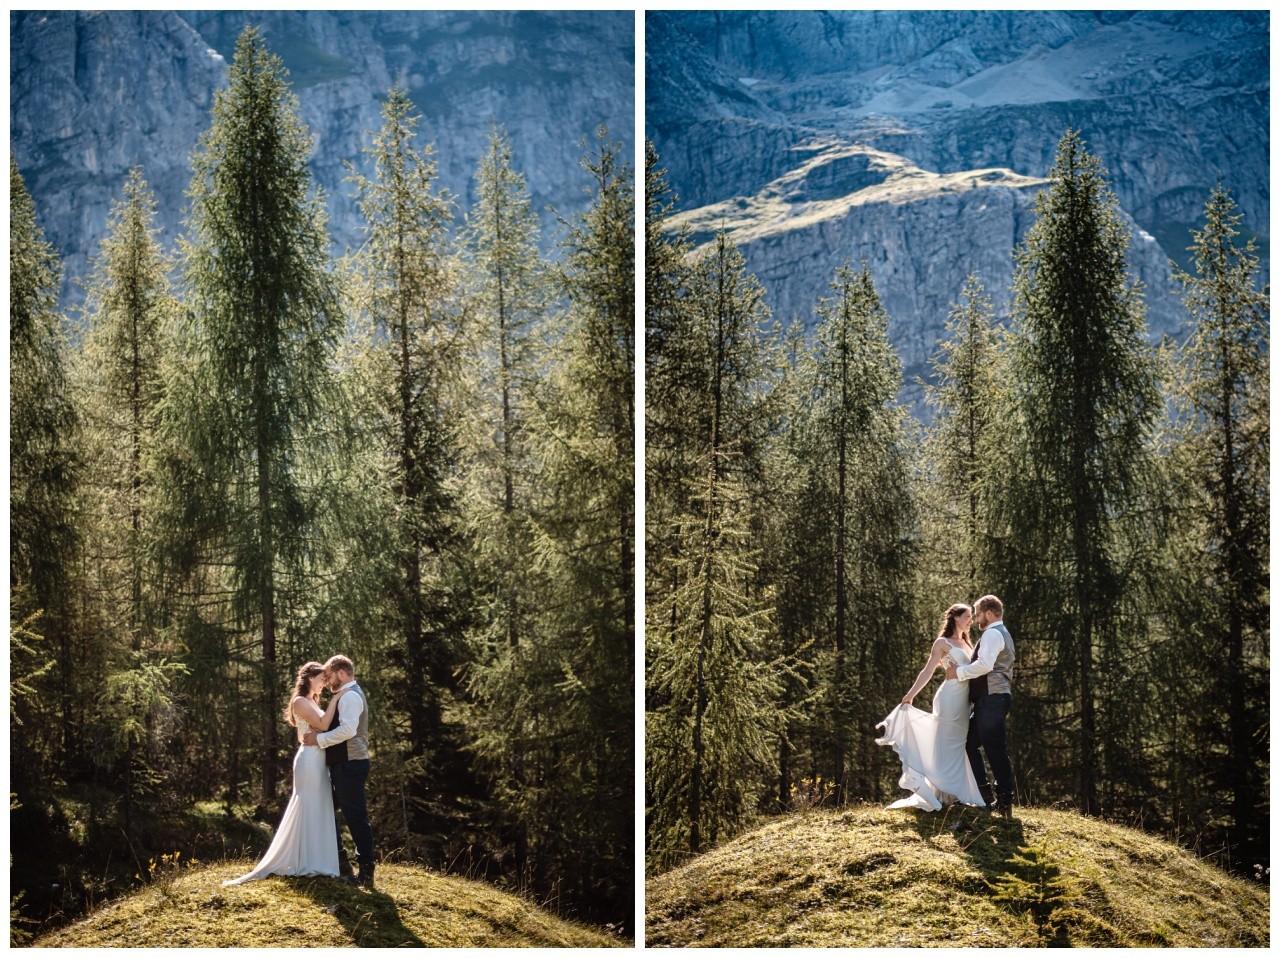 hochzeitsfoto eibsee zugspitze gamisch hochzeitsfotograf foto paarshooting 24 - Hochzeitsfotos am Eibsee